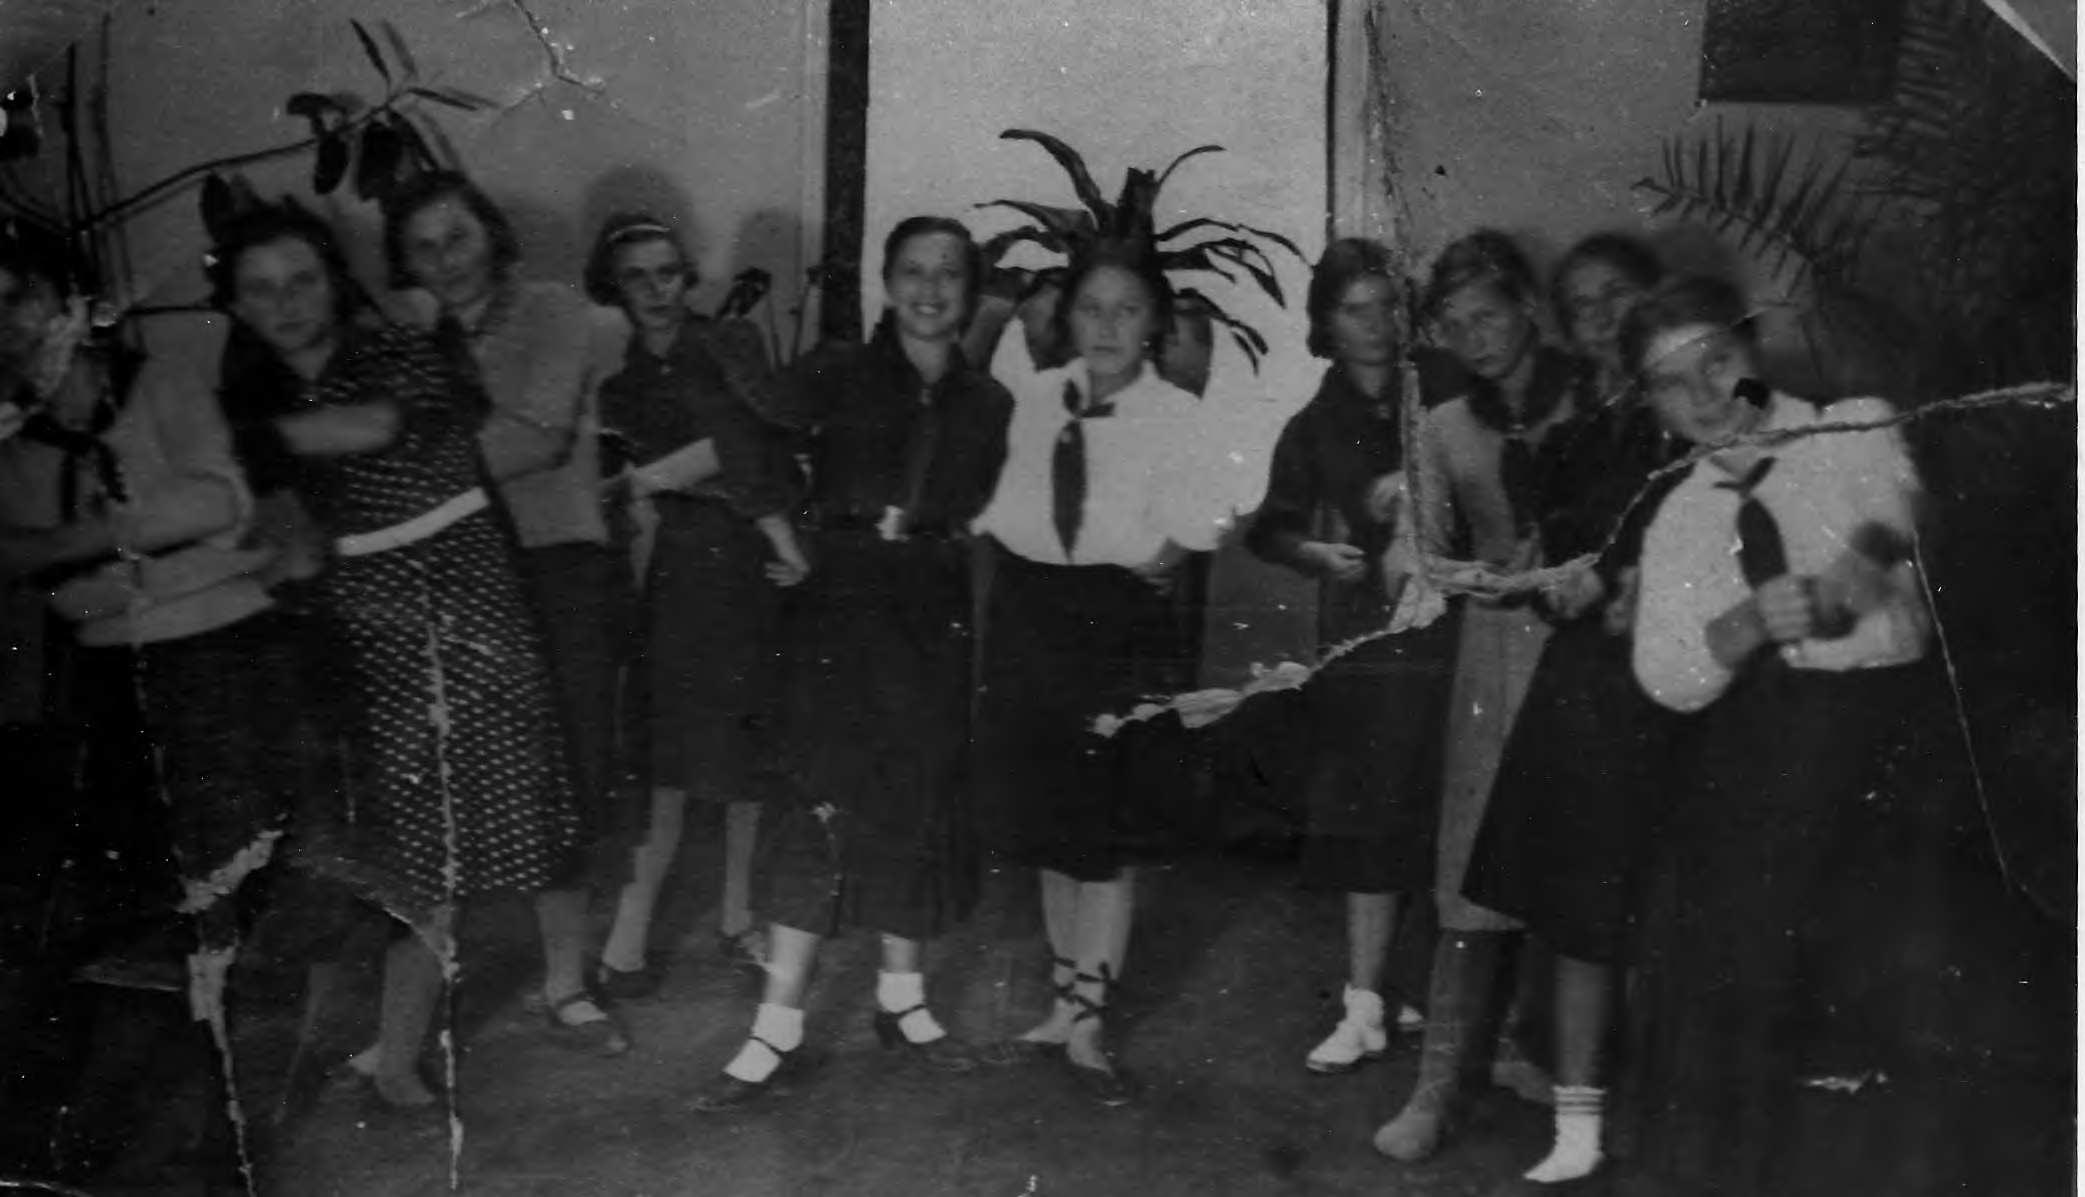 Группа девочек танц.кружка, 30-е годы